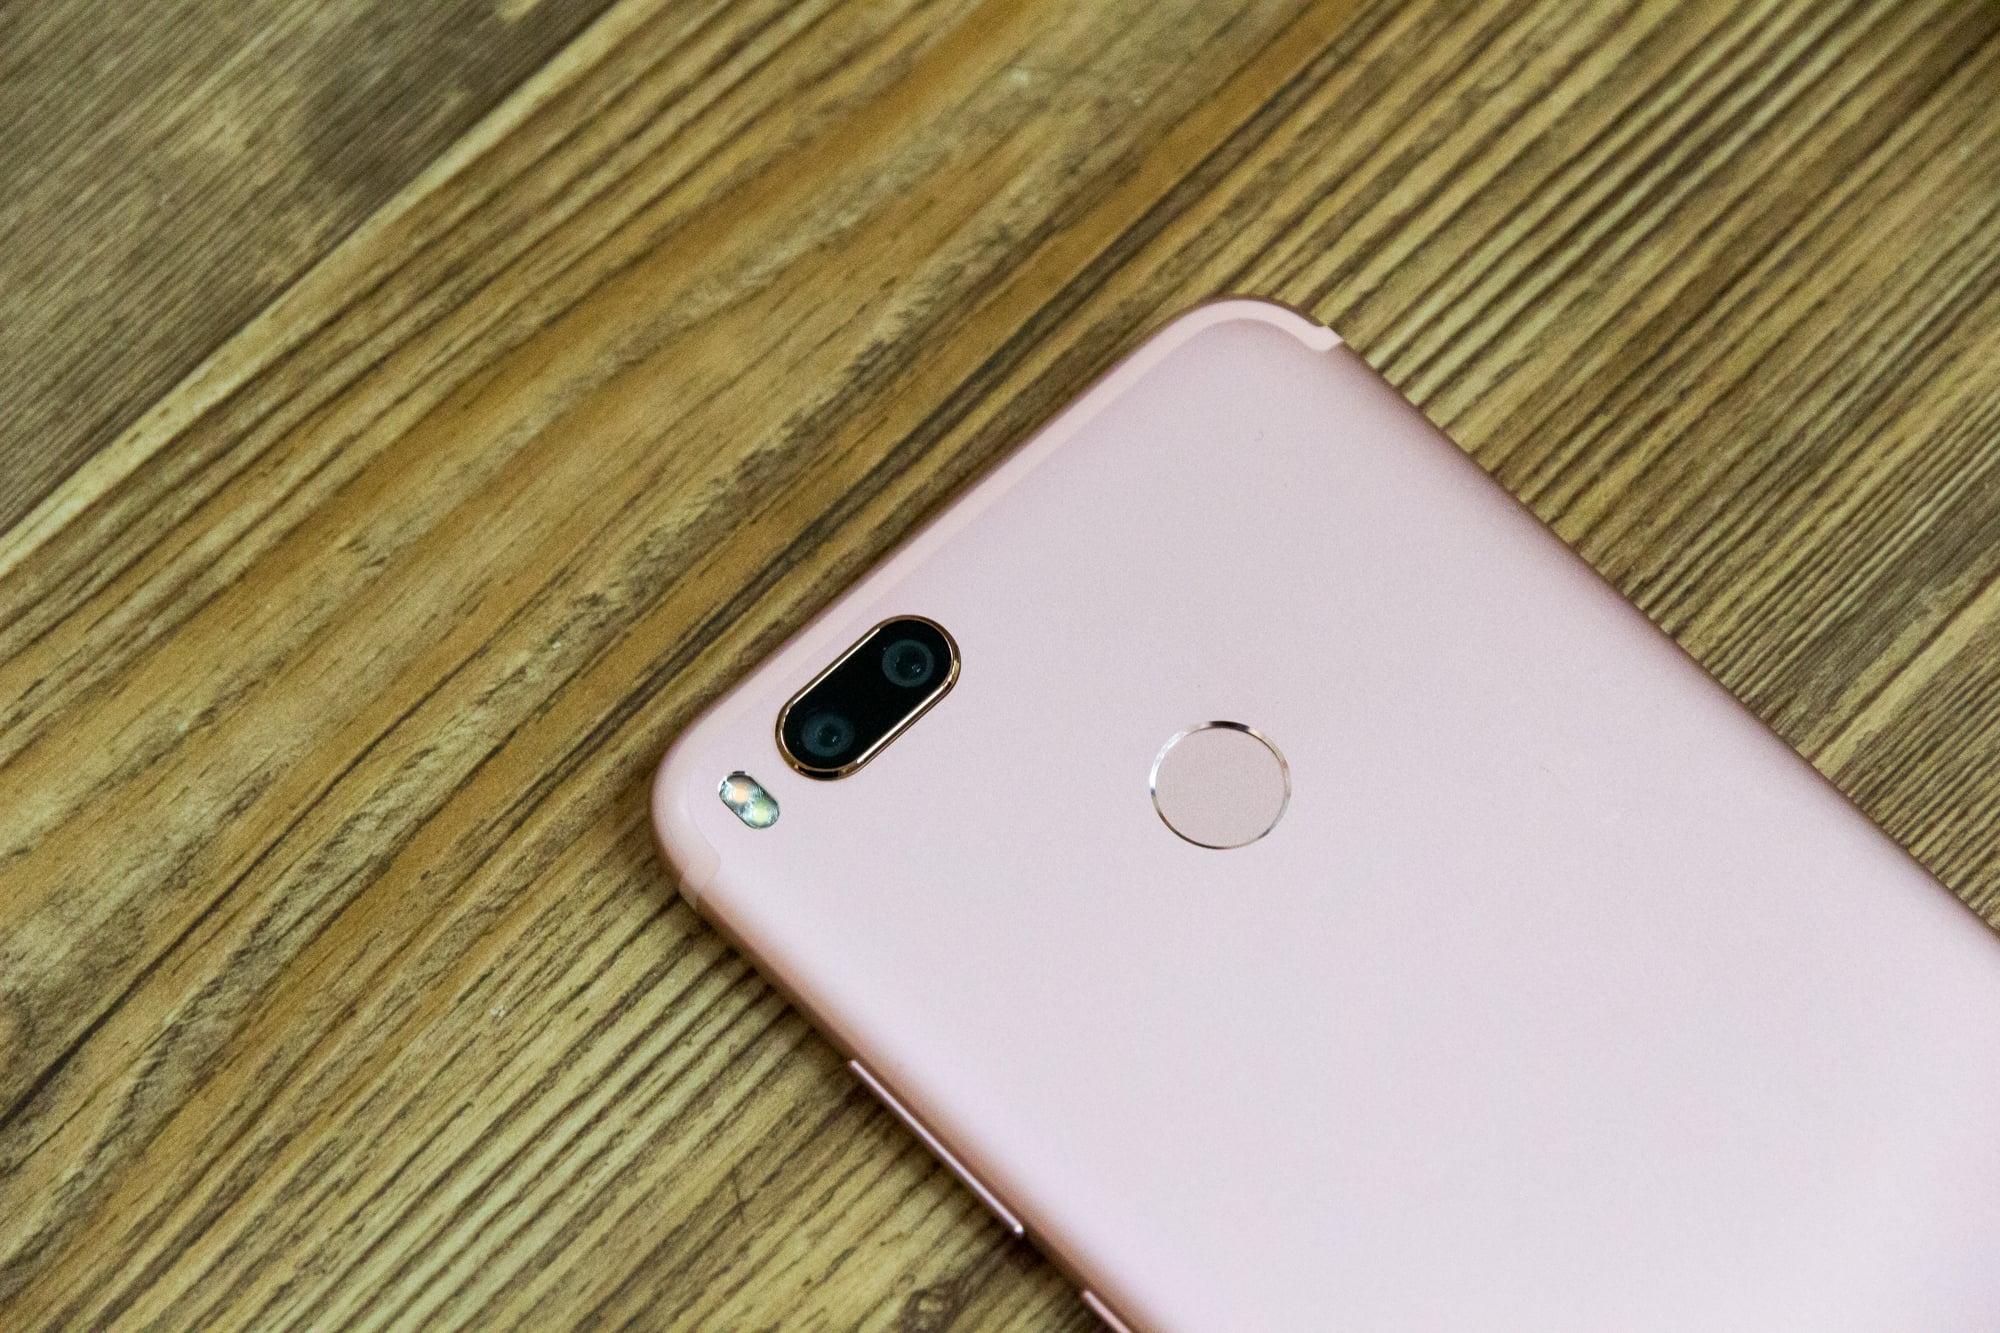 Обзор недорогого смартфона с хорошей для этой цены камерой. Изучаем Xiaomi Mi 5X (он же A1) - 6